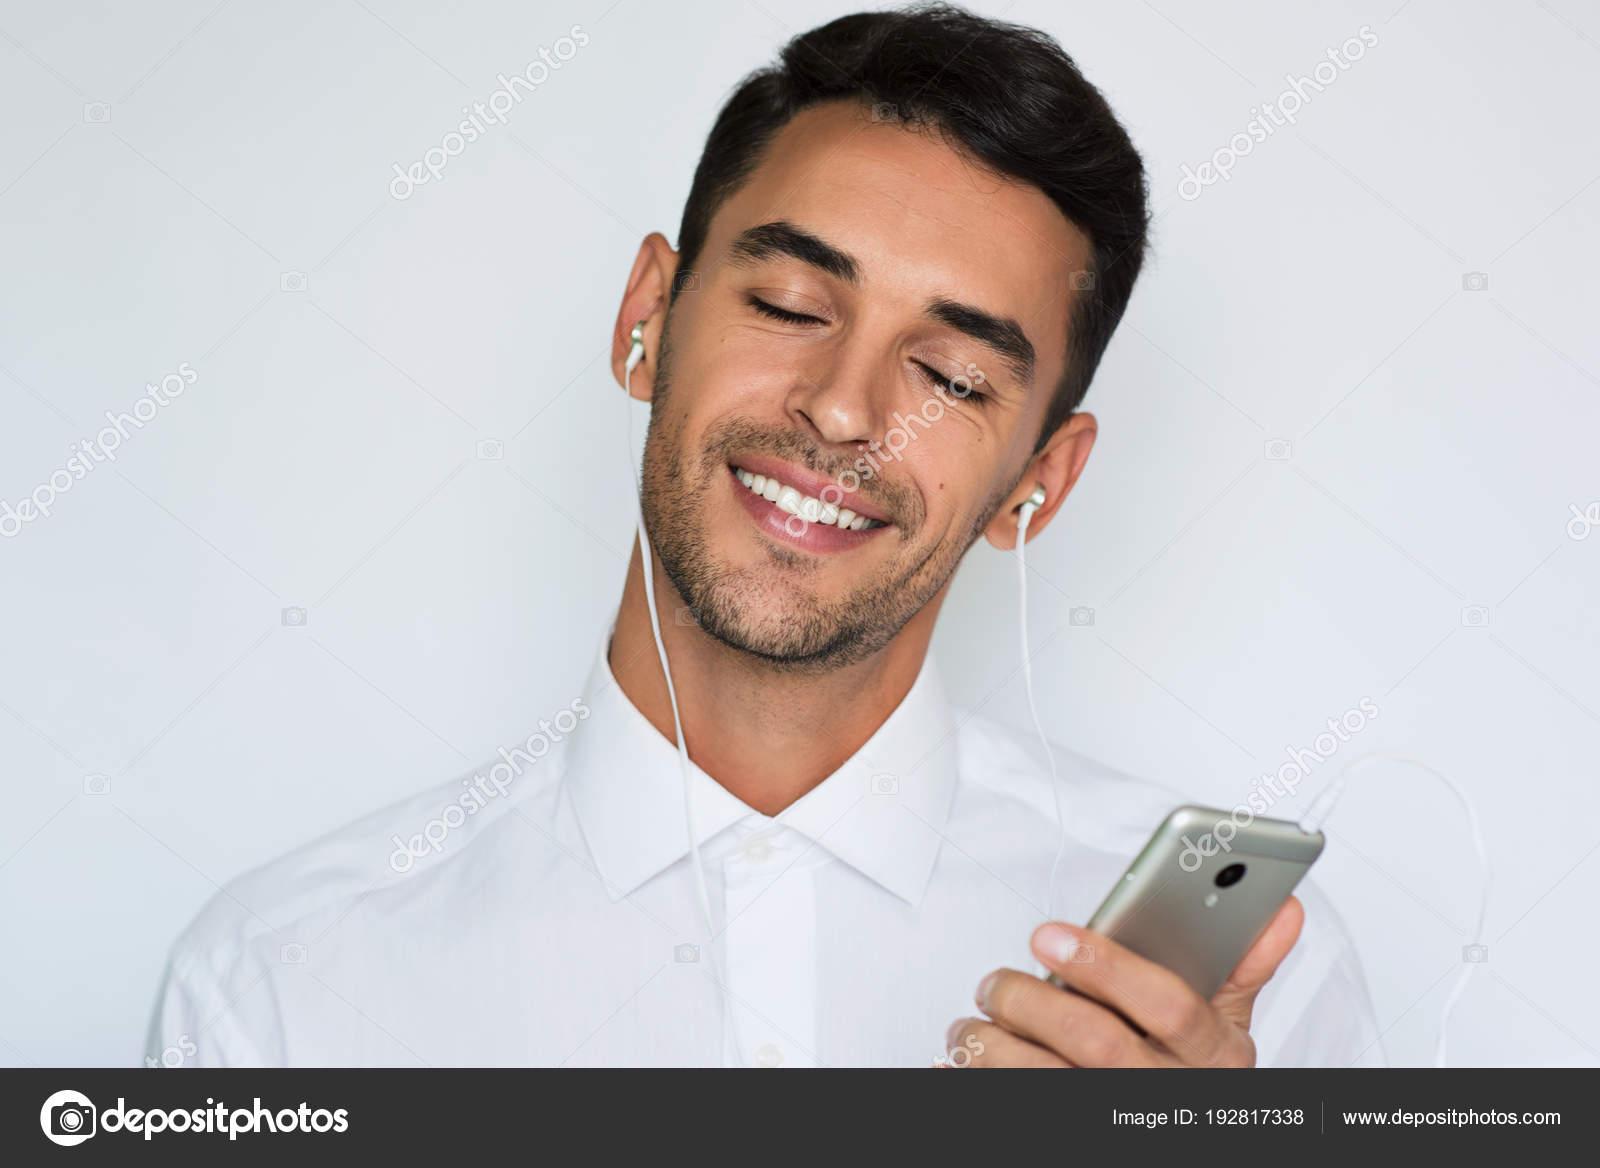 30488f9774c7 Bel ritratto di un uomo bello sorriso attraente giovane in camicia bianca  con i trasduttori auricolari che tiene telefono mobile isolato su sfondo  grigio ...